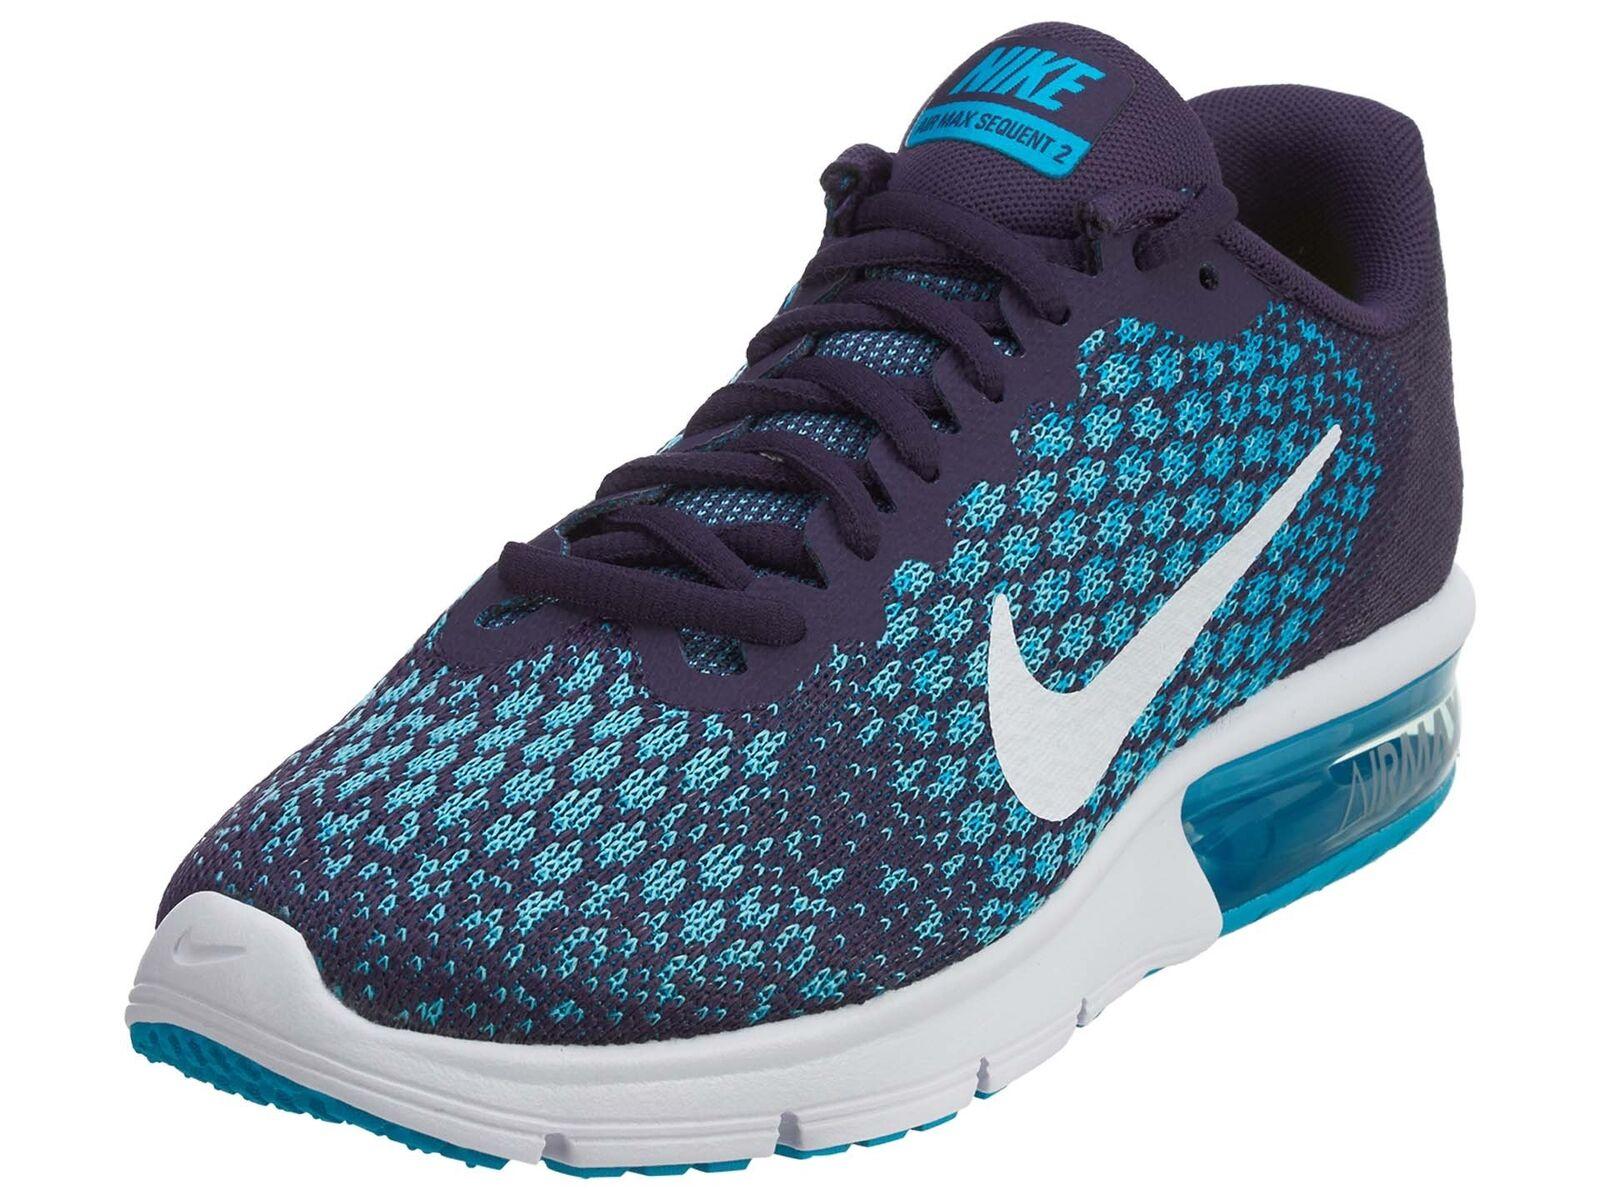 Nike aptare uomini lupo grigio / volt cool grey / volt / 76386001 0e74e1